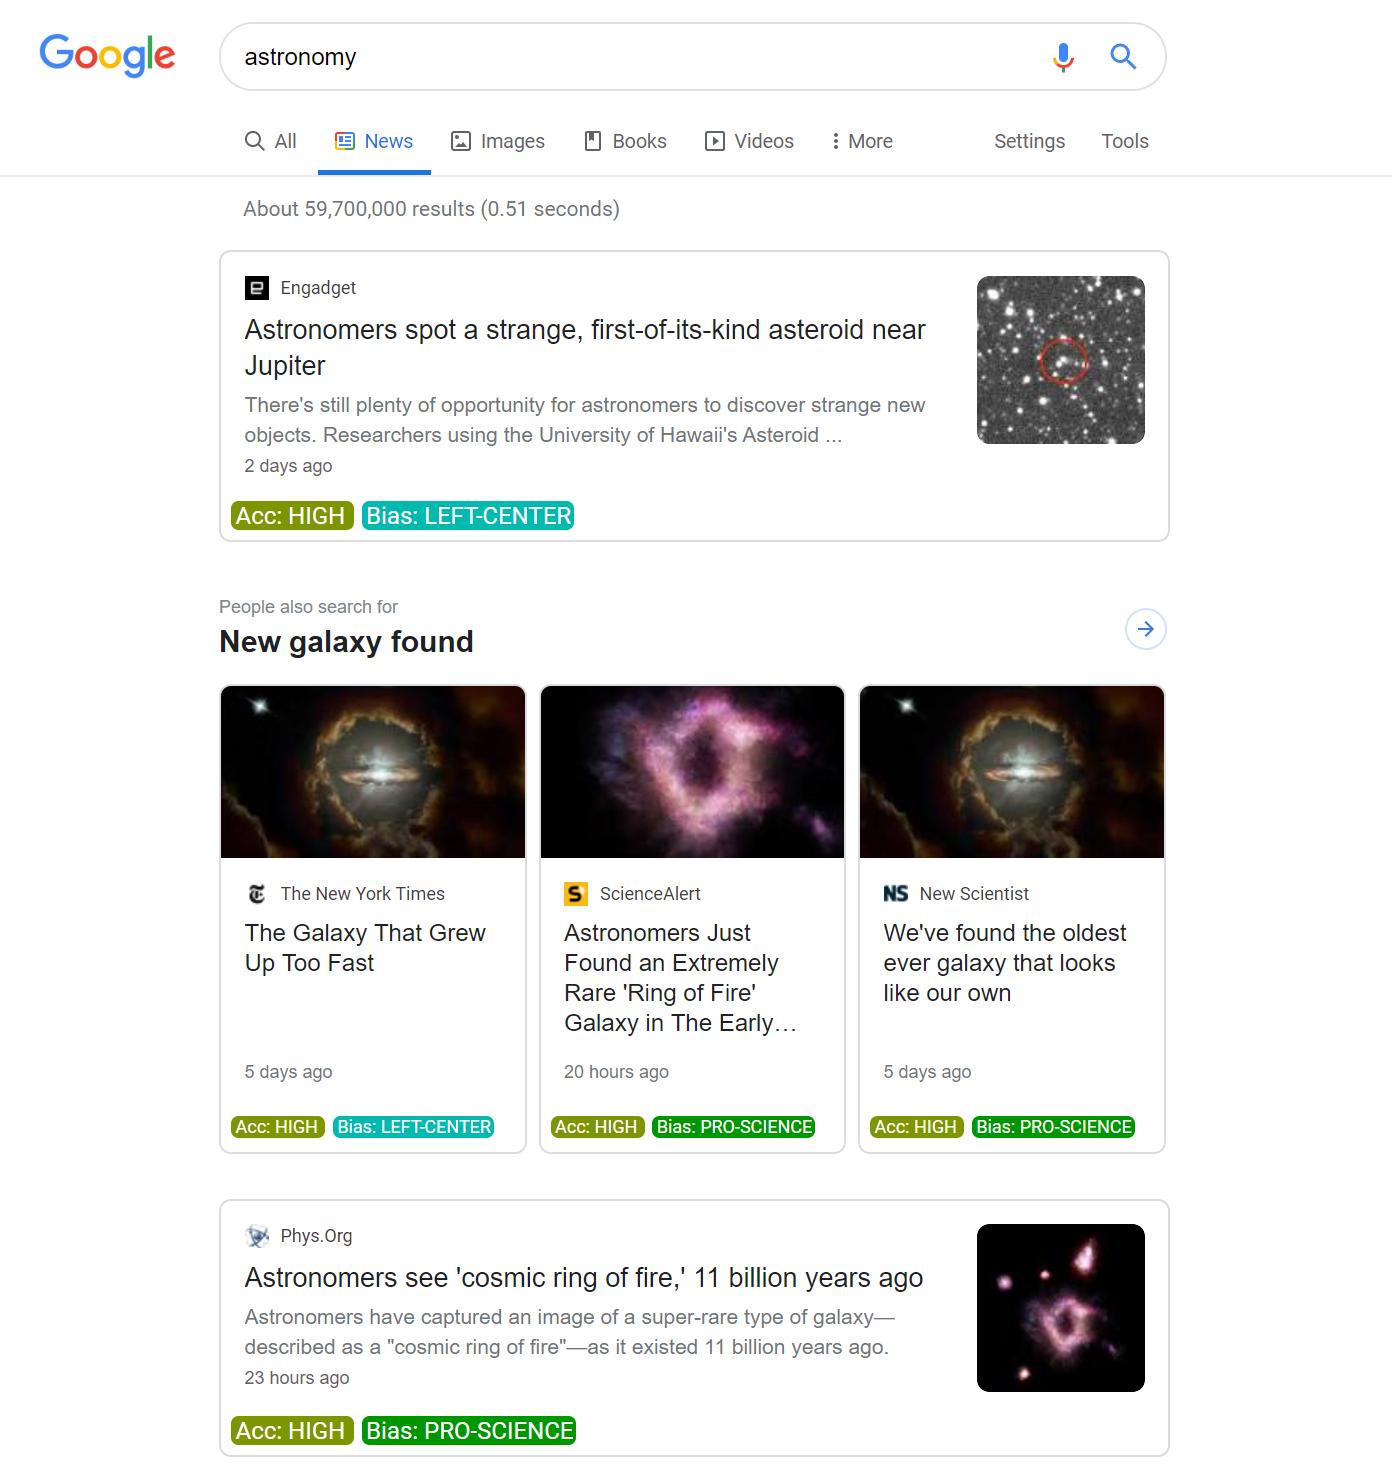 StopagandaPlus on Google